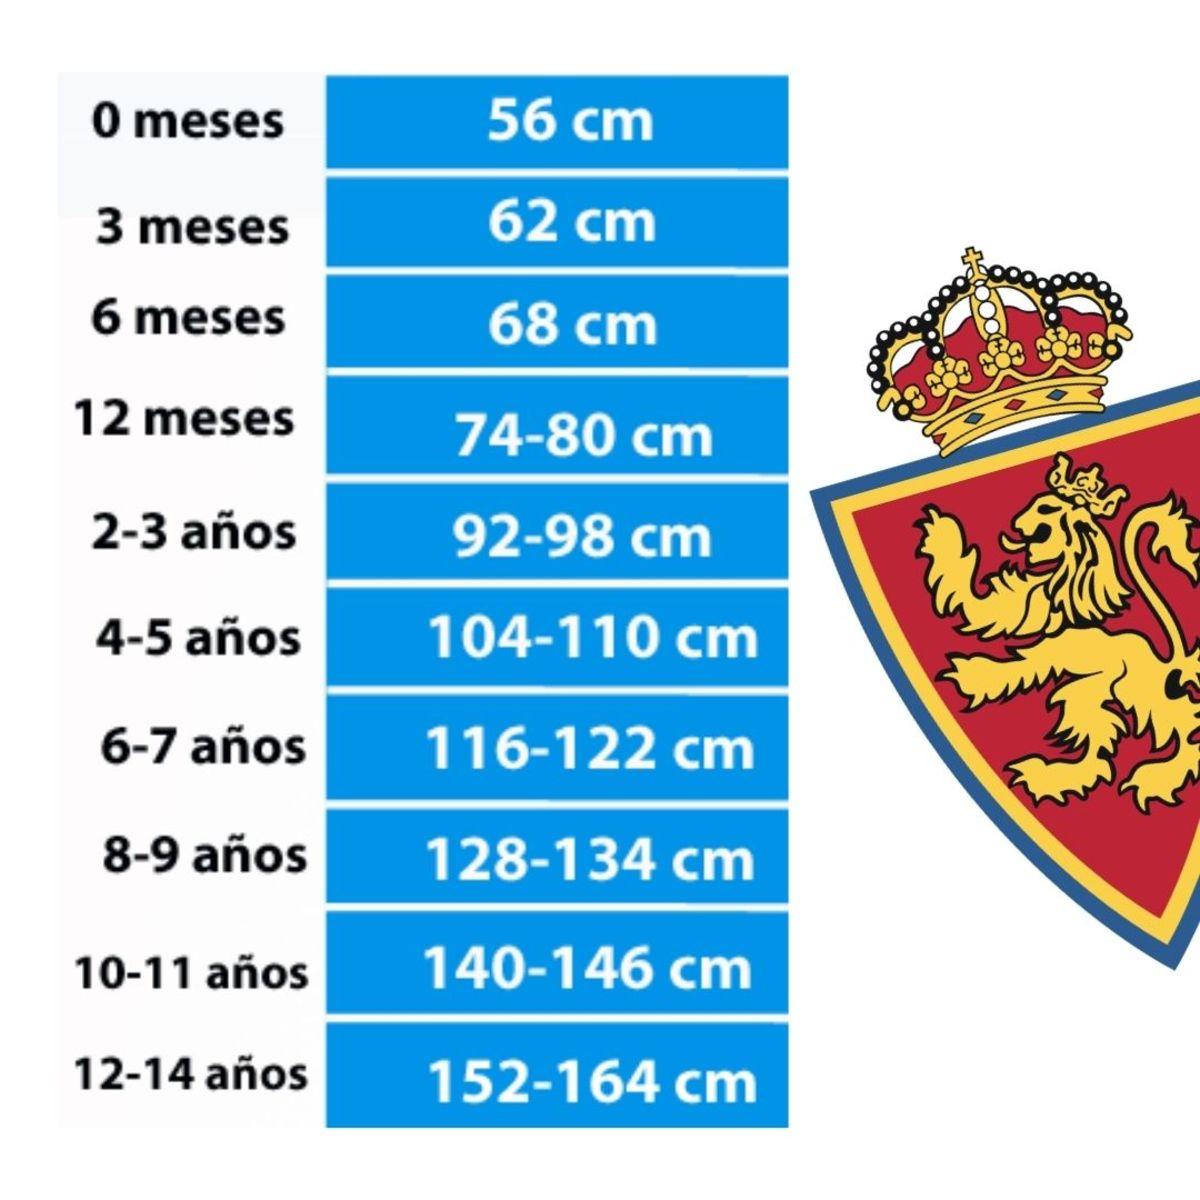 CONJUNTO INFANTIL VERANO - Real Zaragoza